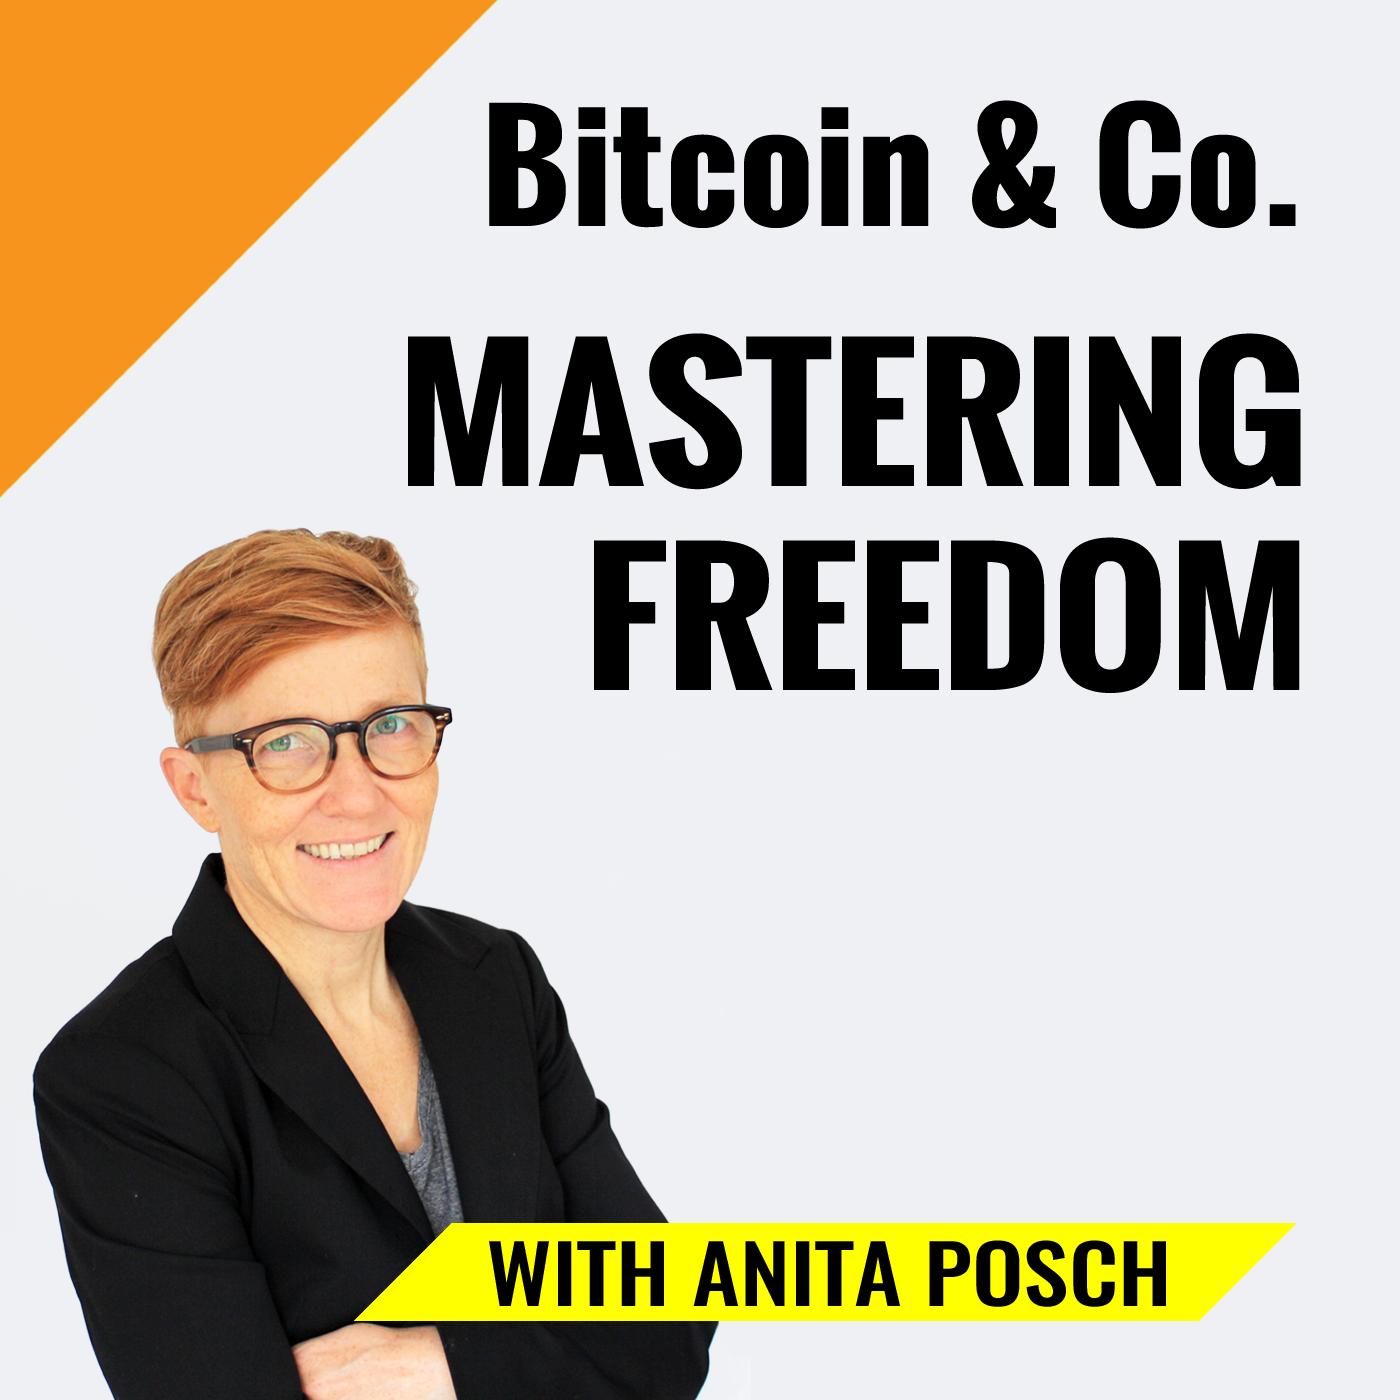 Bitcoin & Co. Mastering Freedom